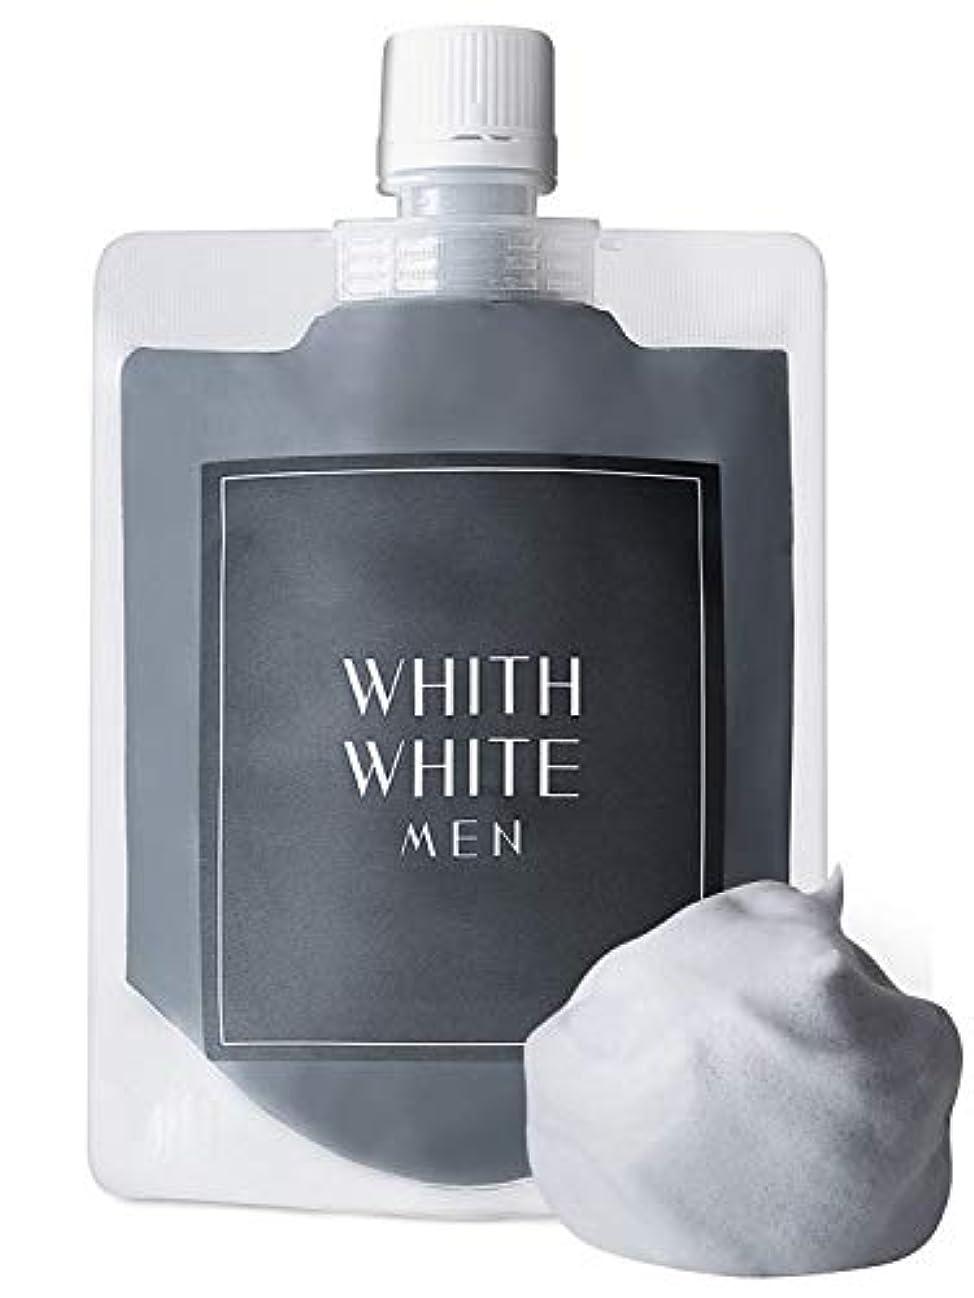 ヒール時間とともに敬意を表するフィス ホワイト メンズ 泥 洗顔 ネット 付き 8つの 無添加 洗顔フォーム (炭 泡 クレイ で 顔 汚れ を 落とす) (日本製 洗顔料 130g リッチ セット)(どろ で 毛穴 を ごっそり 除去)